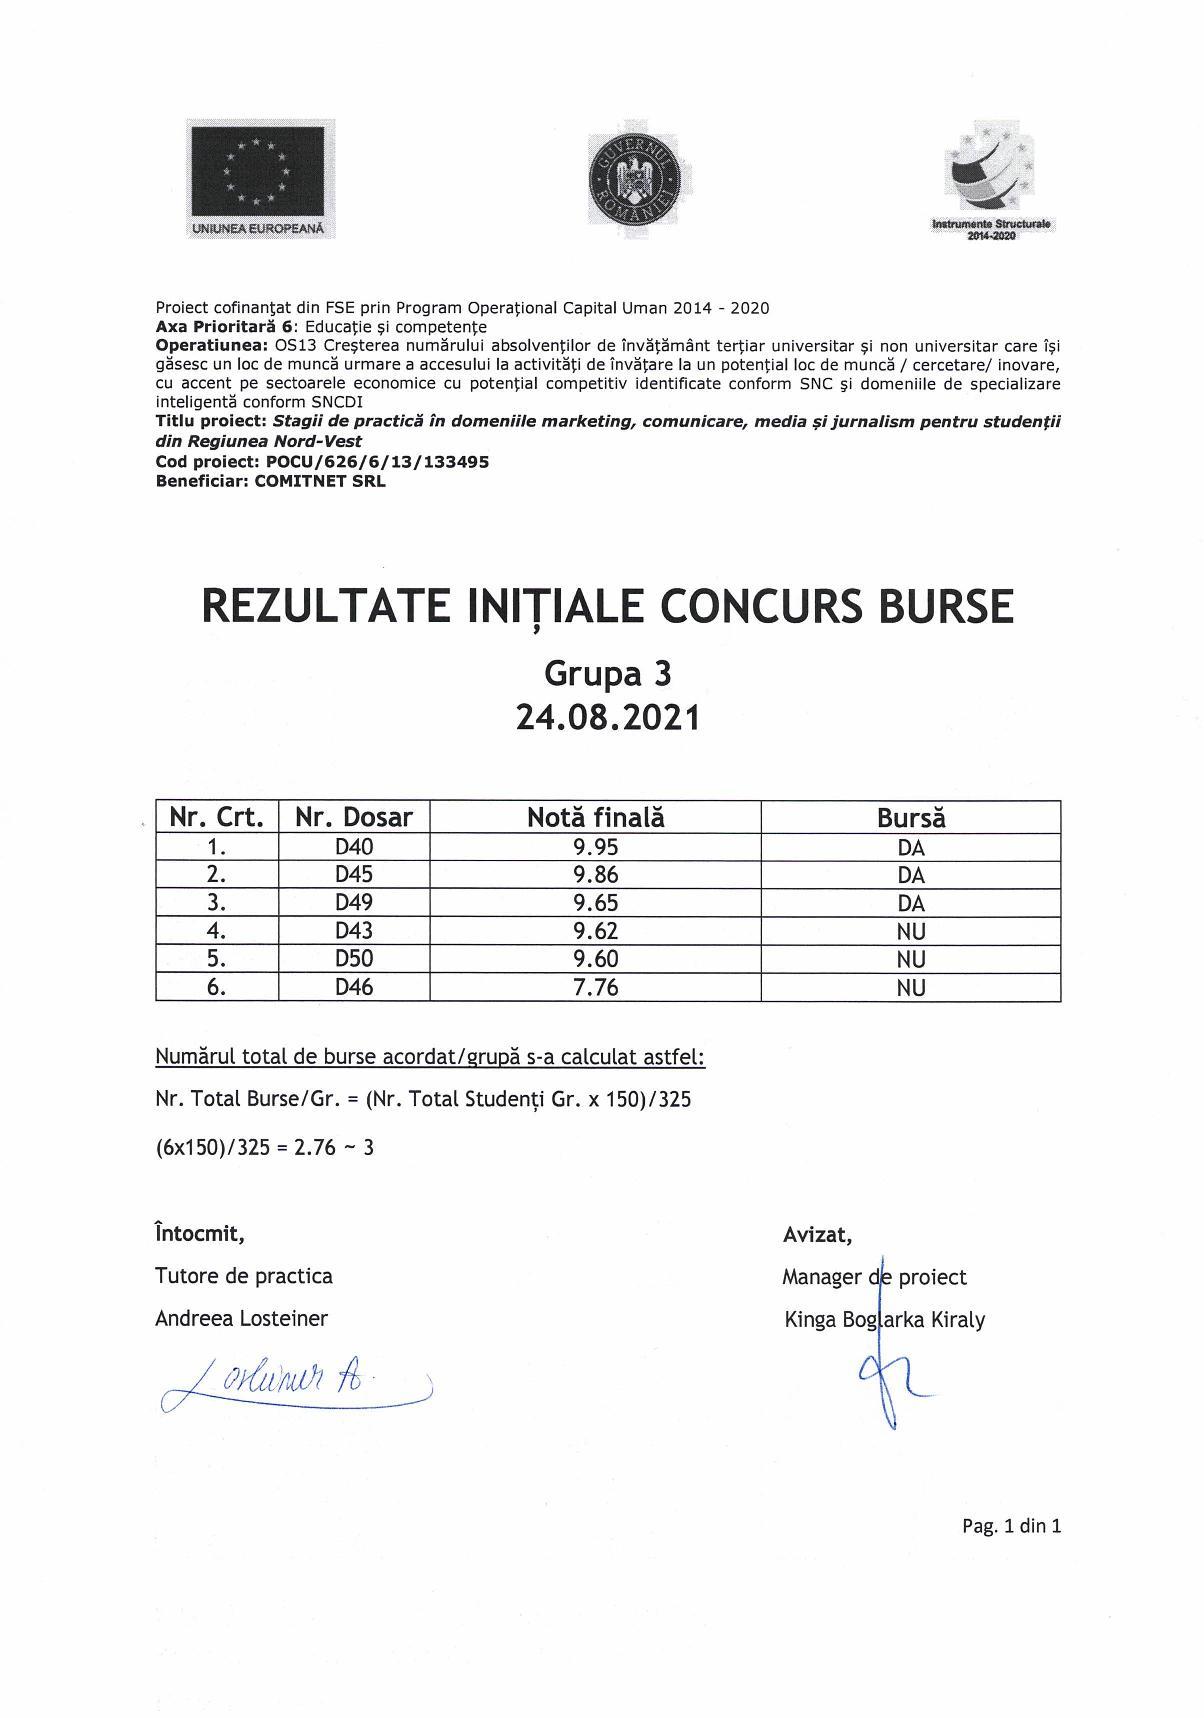 Rezultate initiale burse - gr. 3-page-001